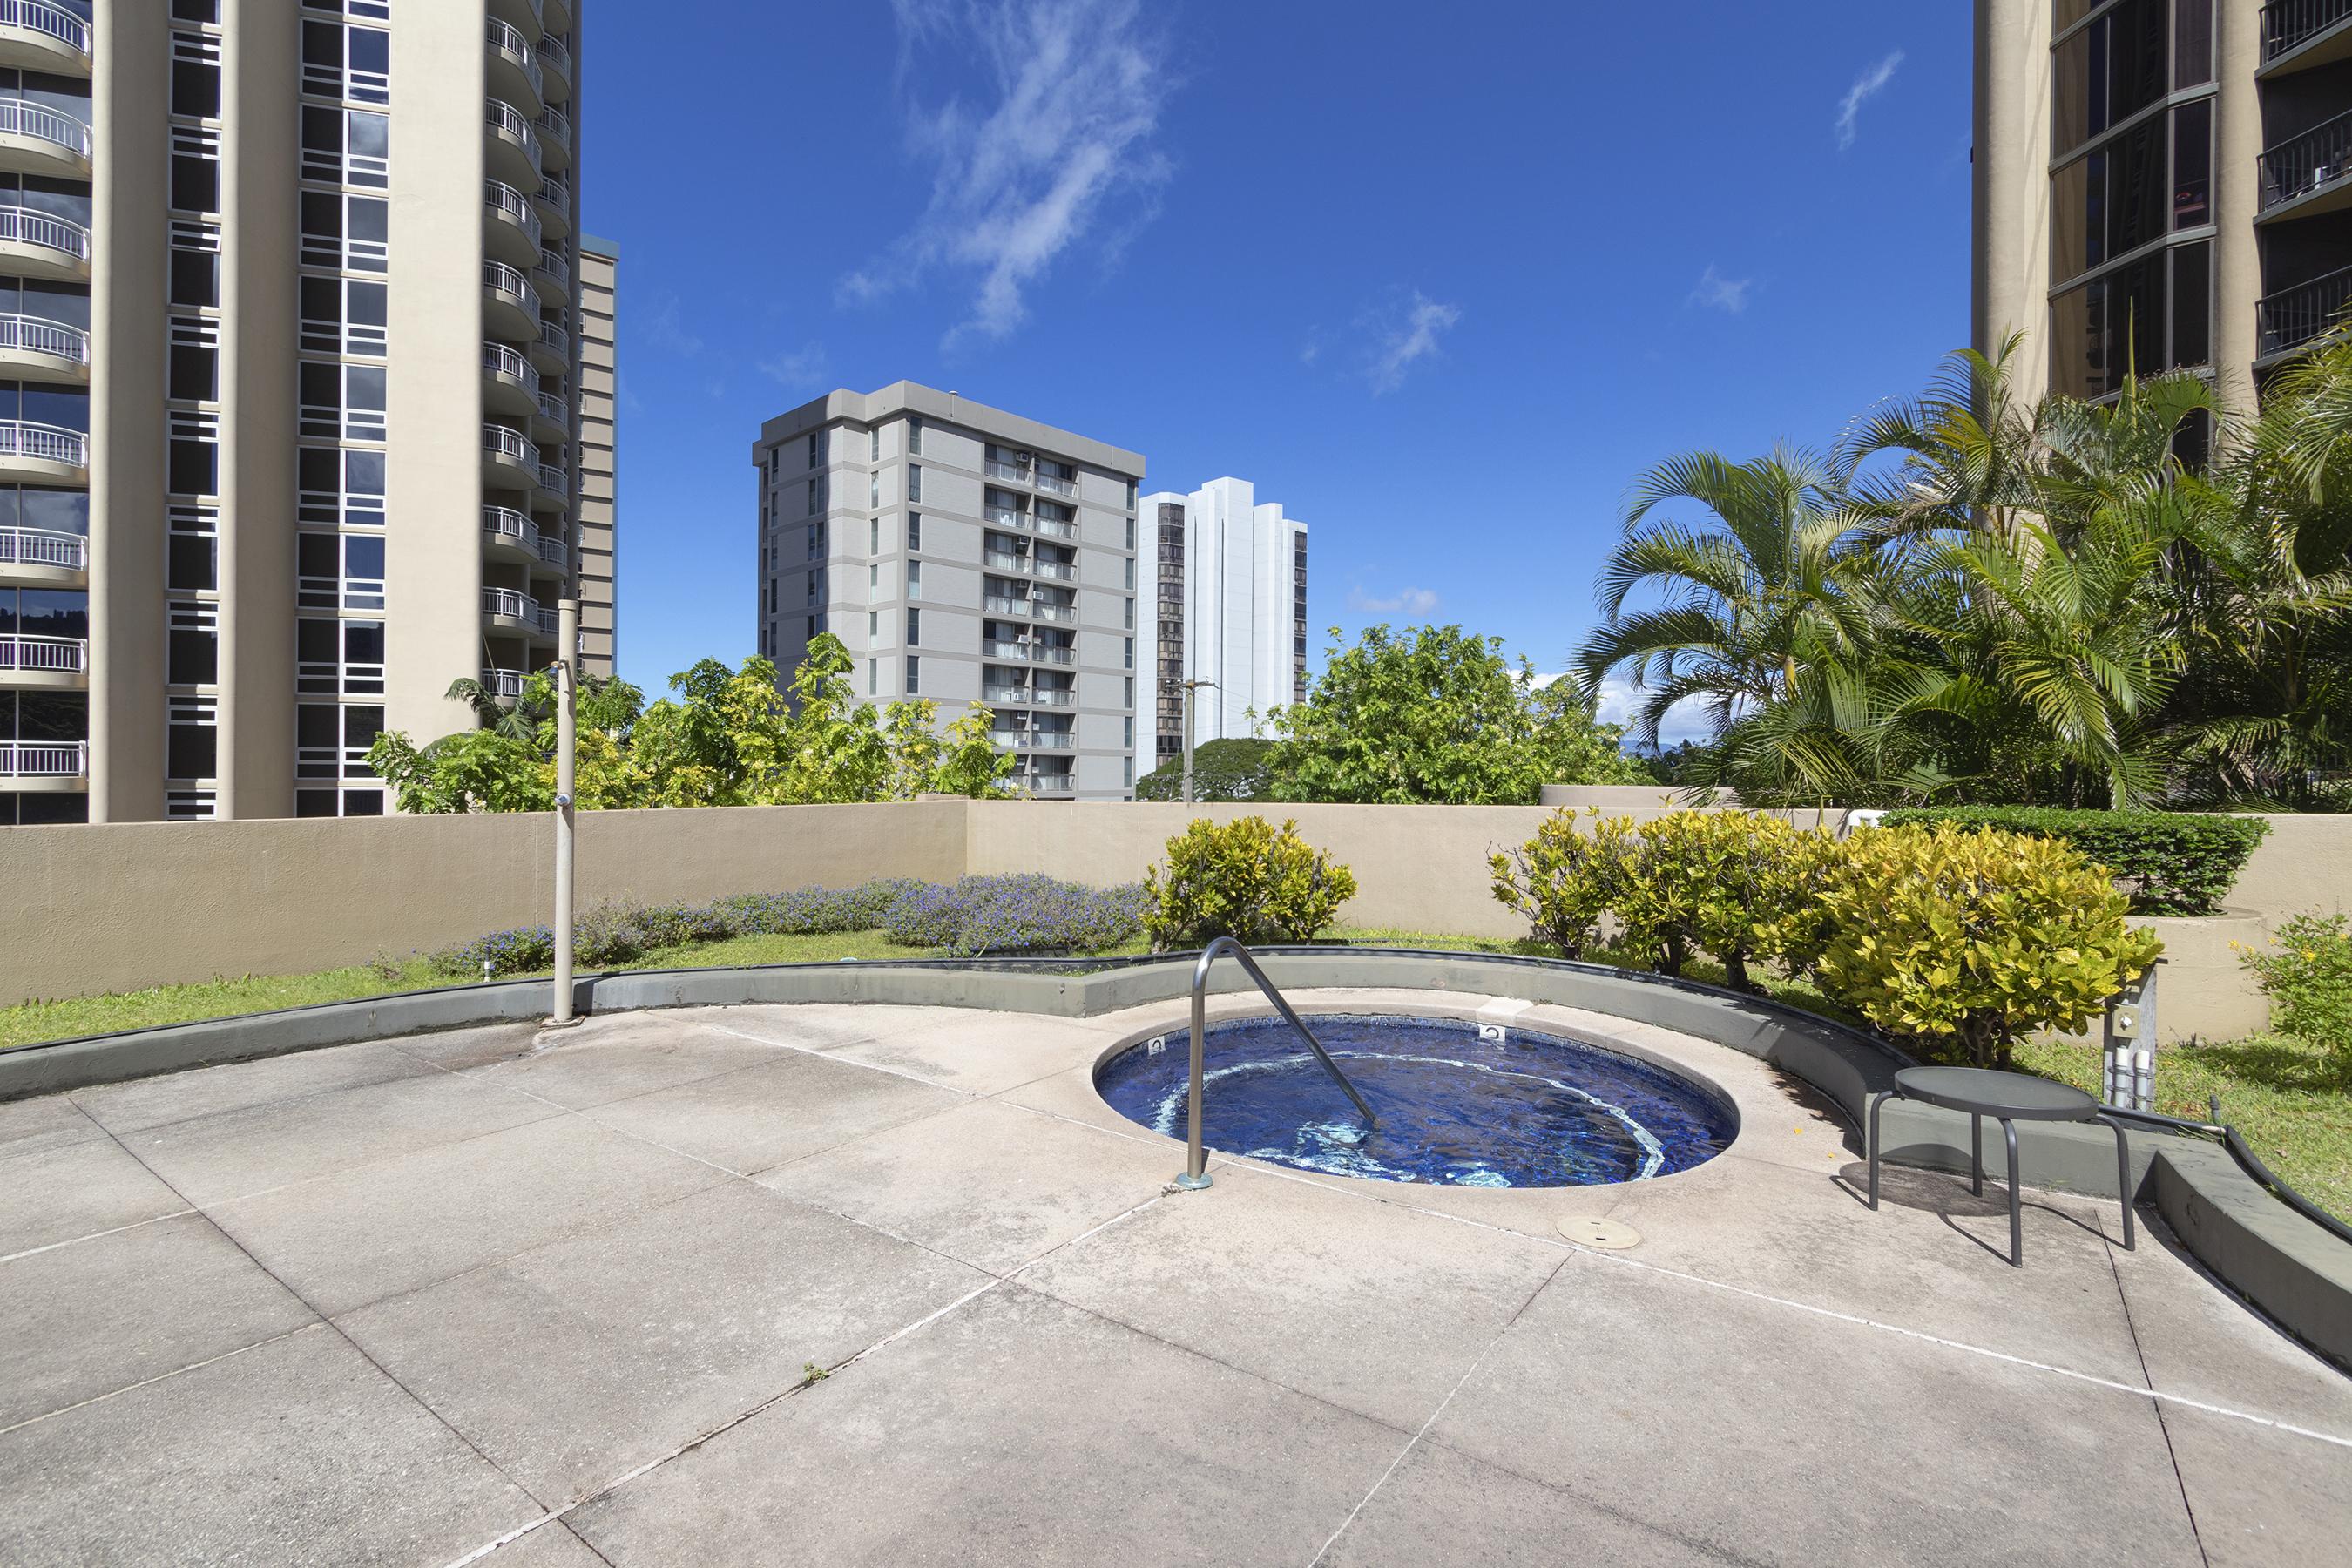 Jacuzzi at 2101 Nuuanu Ave #I/1806 Honolulu, HI 96817